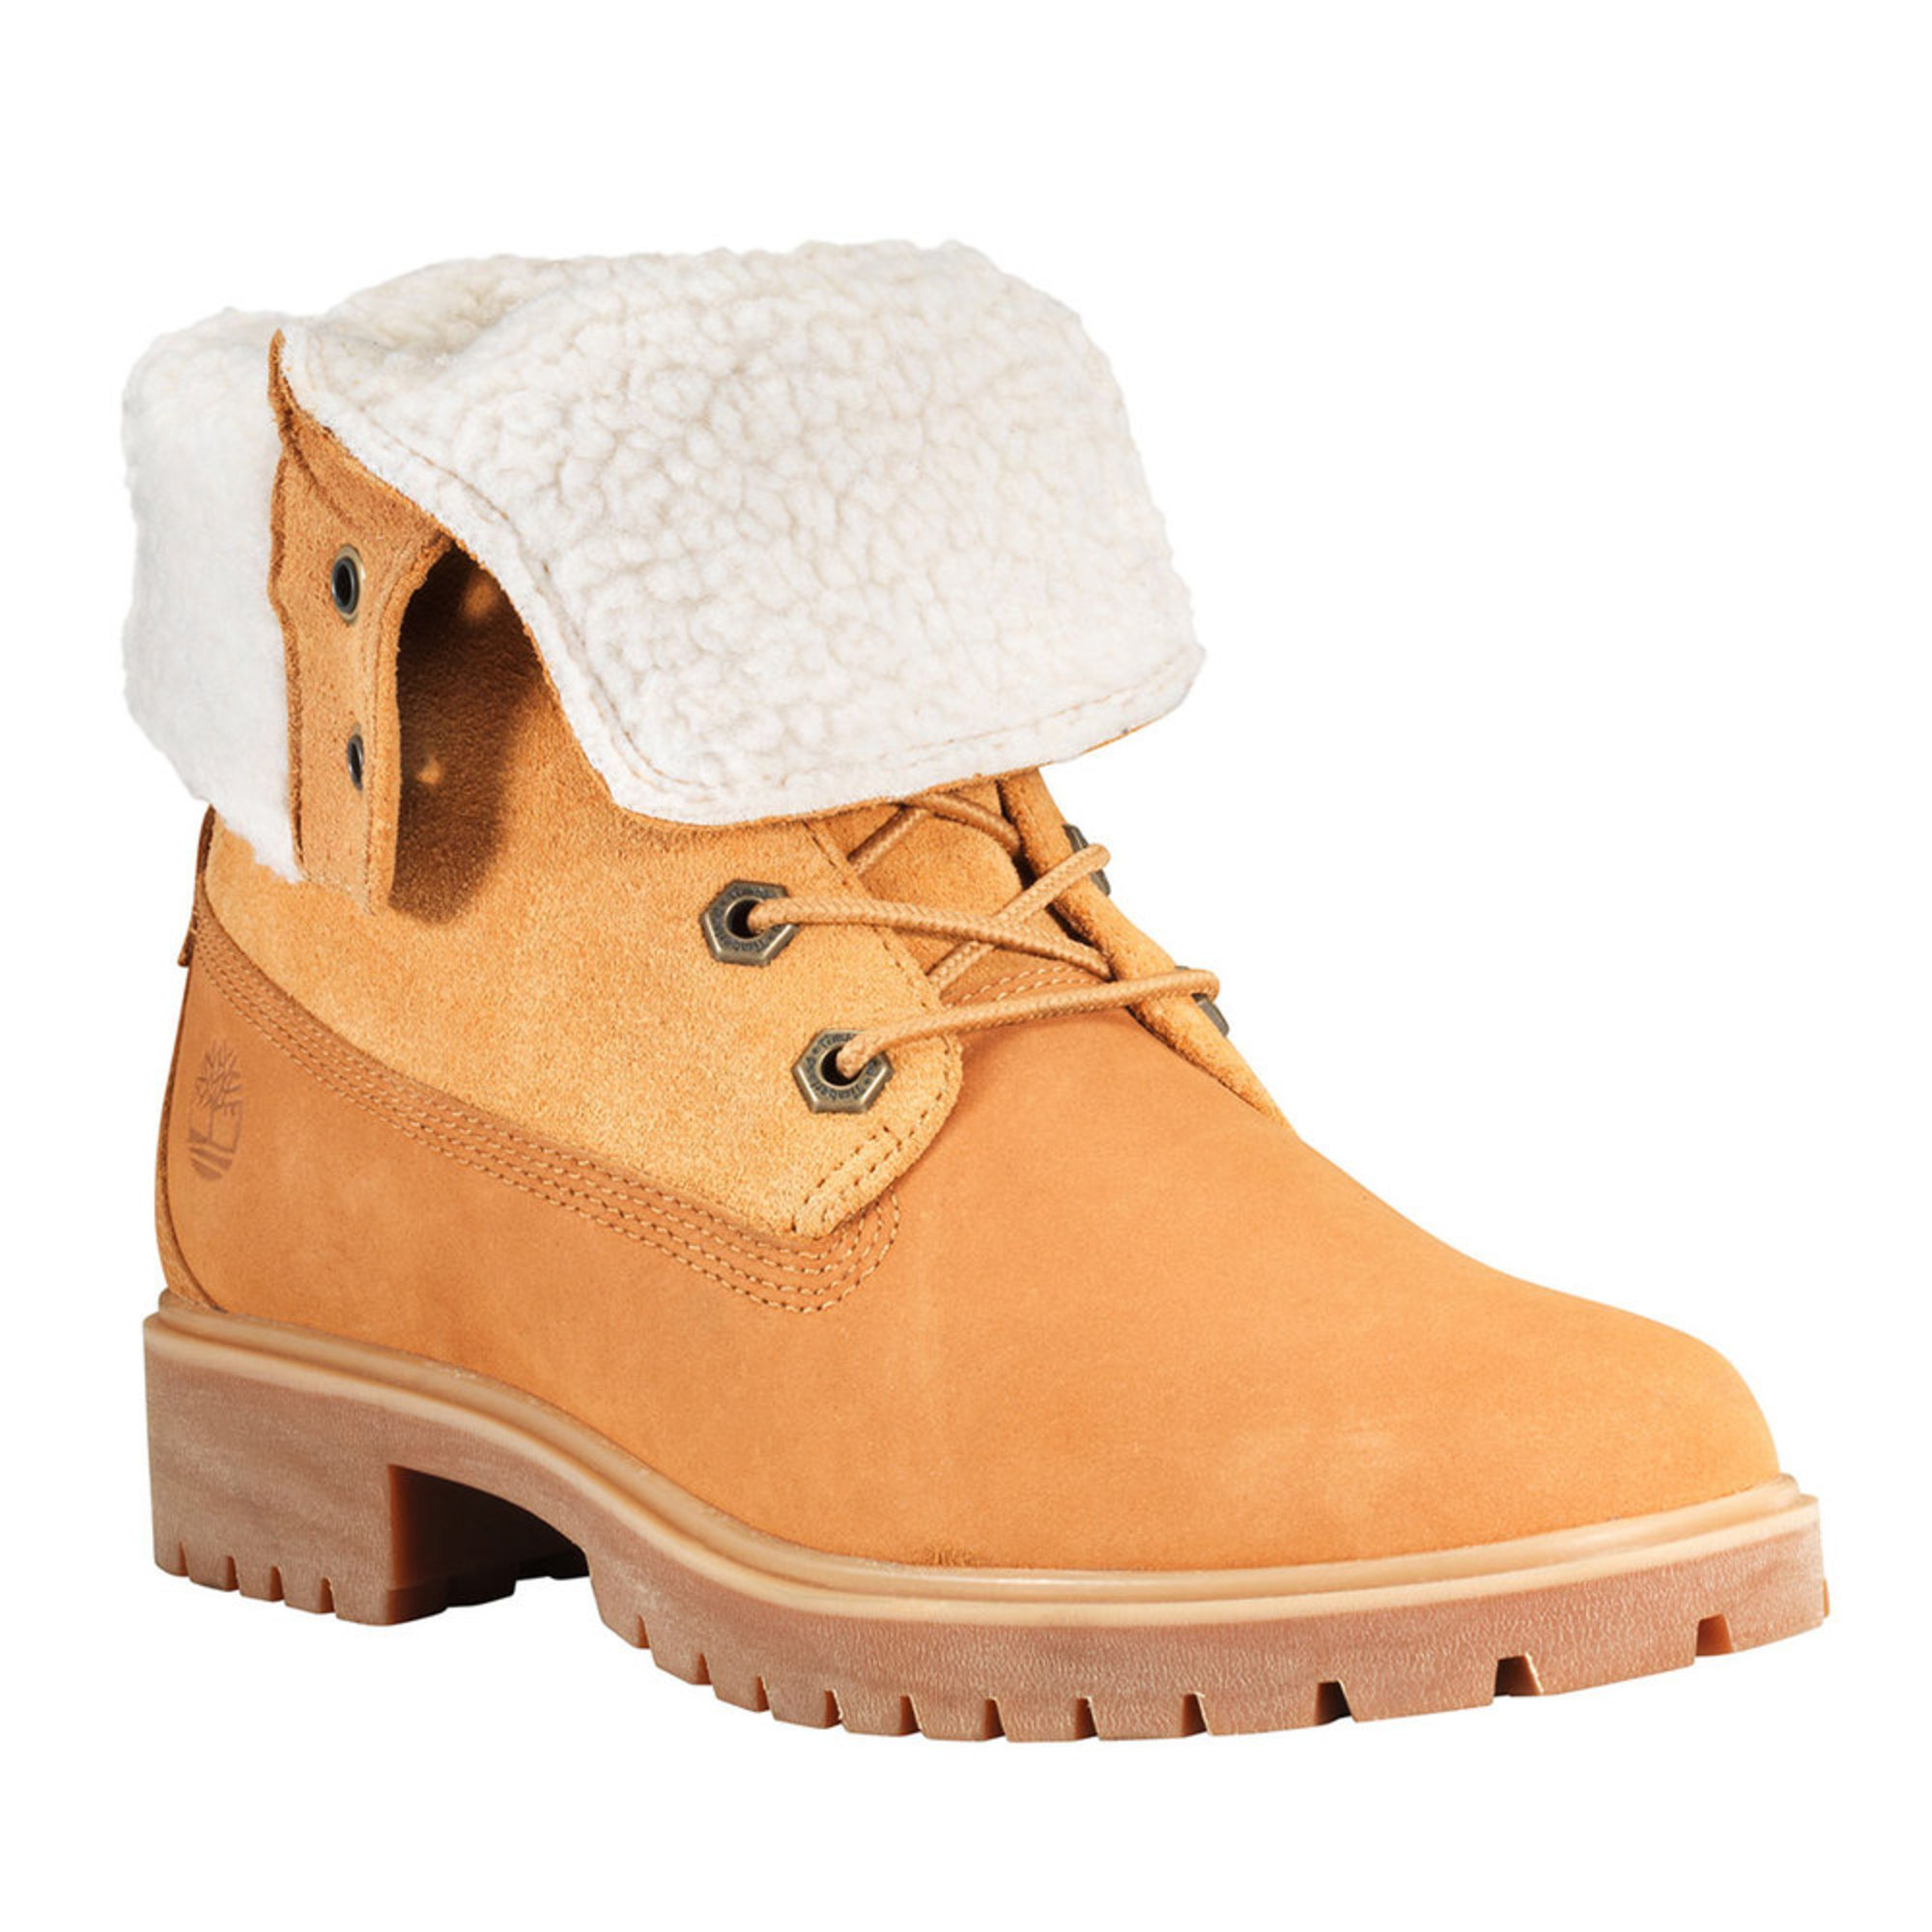 Timberland Women s Jayne Waterproof Teddy Fleece Fold Down Boot ... 5781541b6